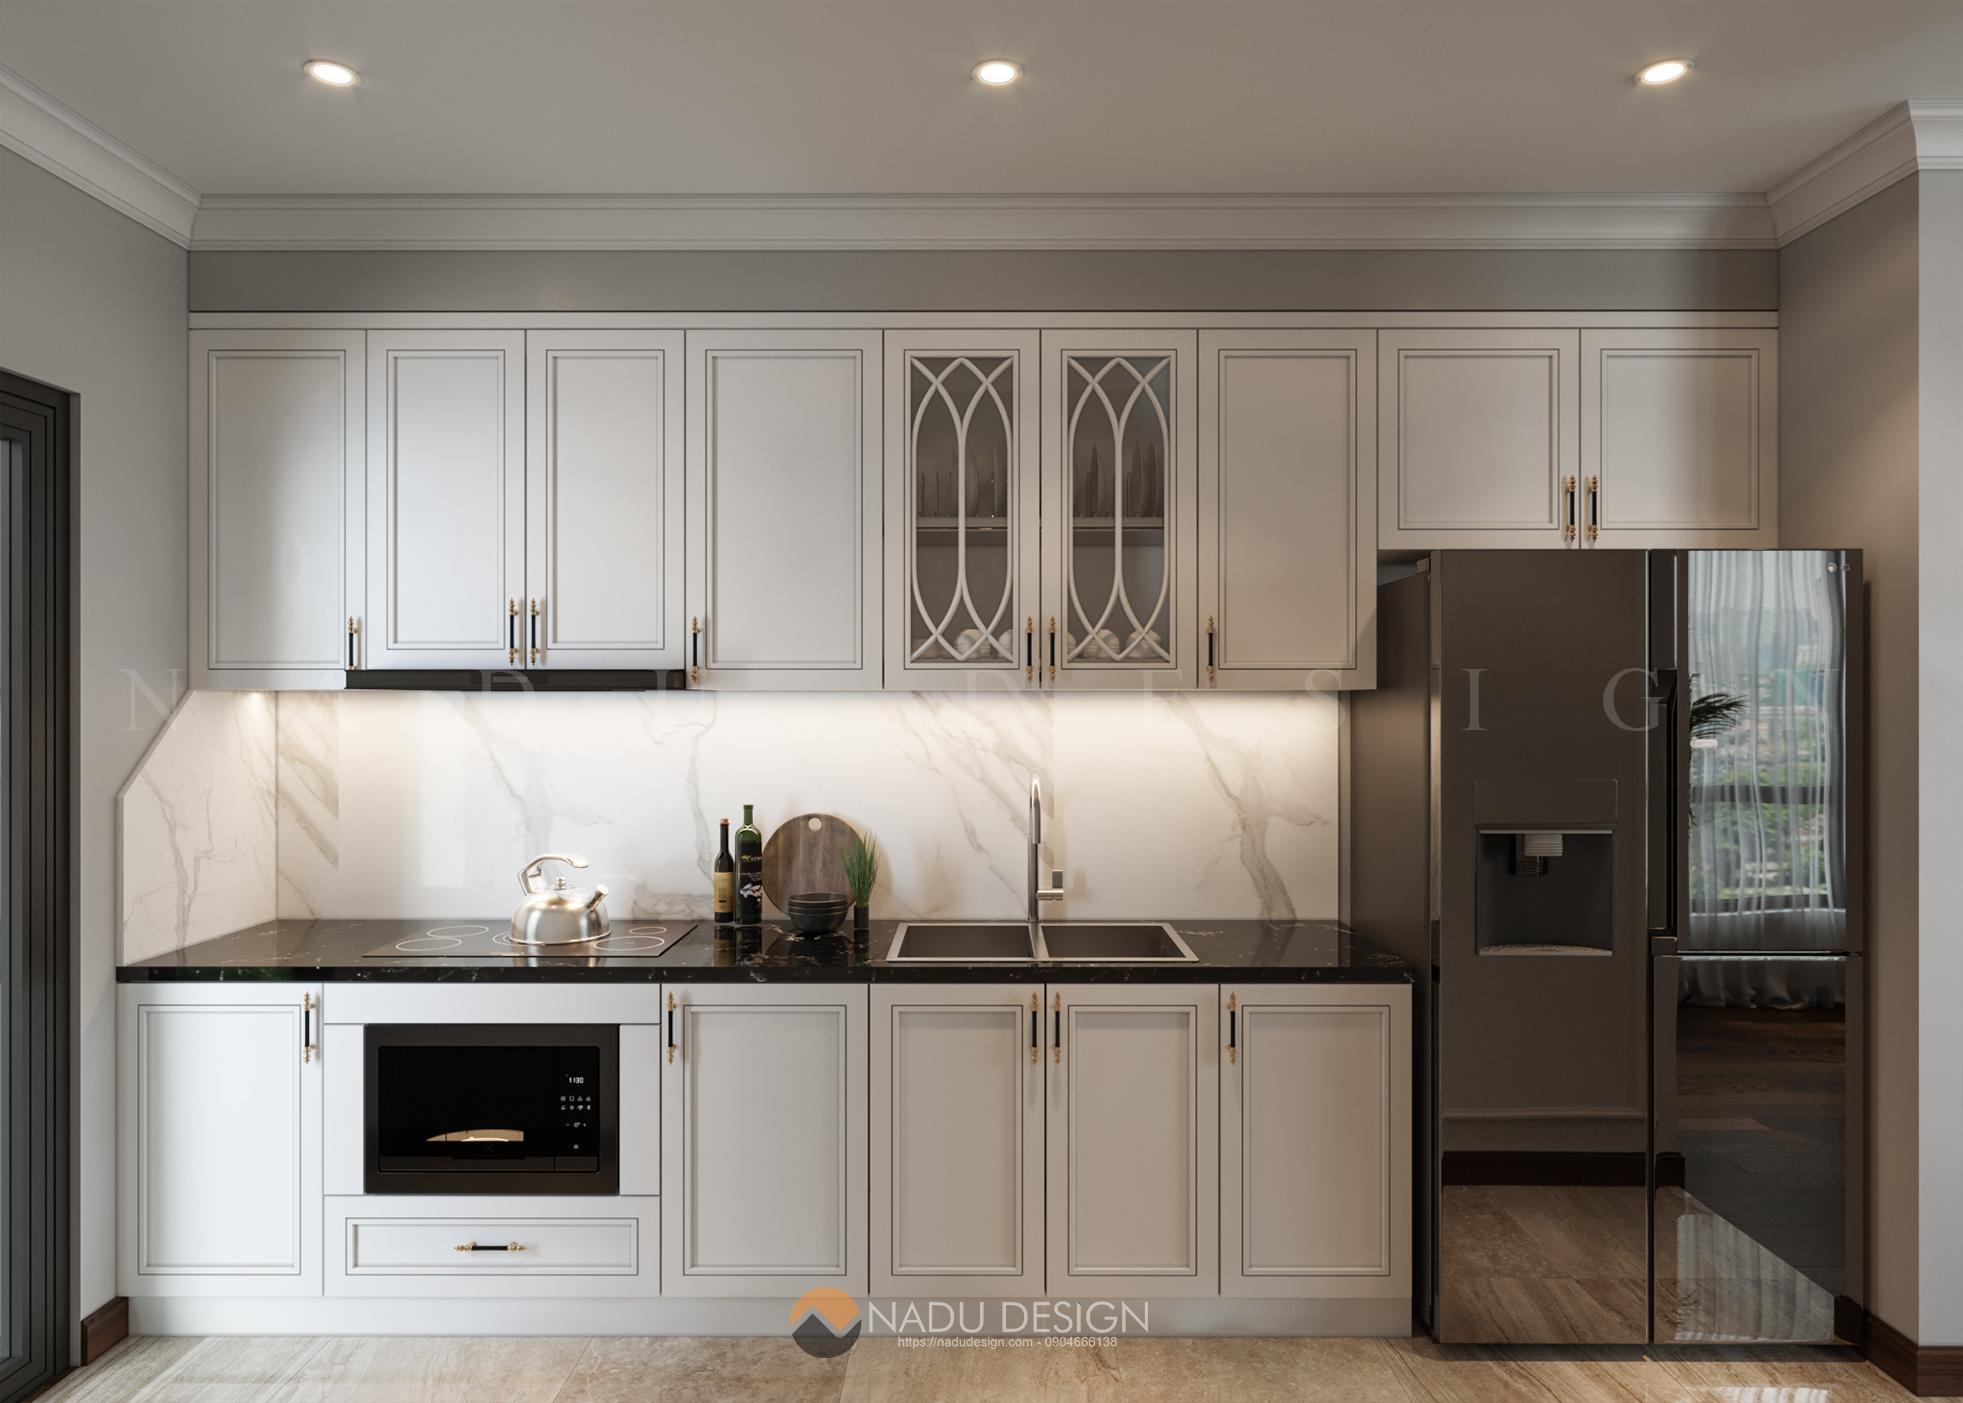 thiết kế nội thất phòng bếp nhà phố 5